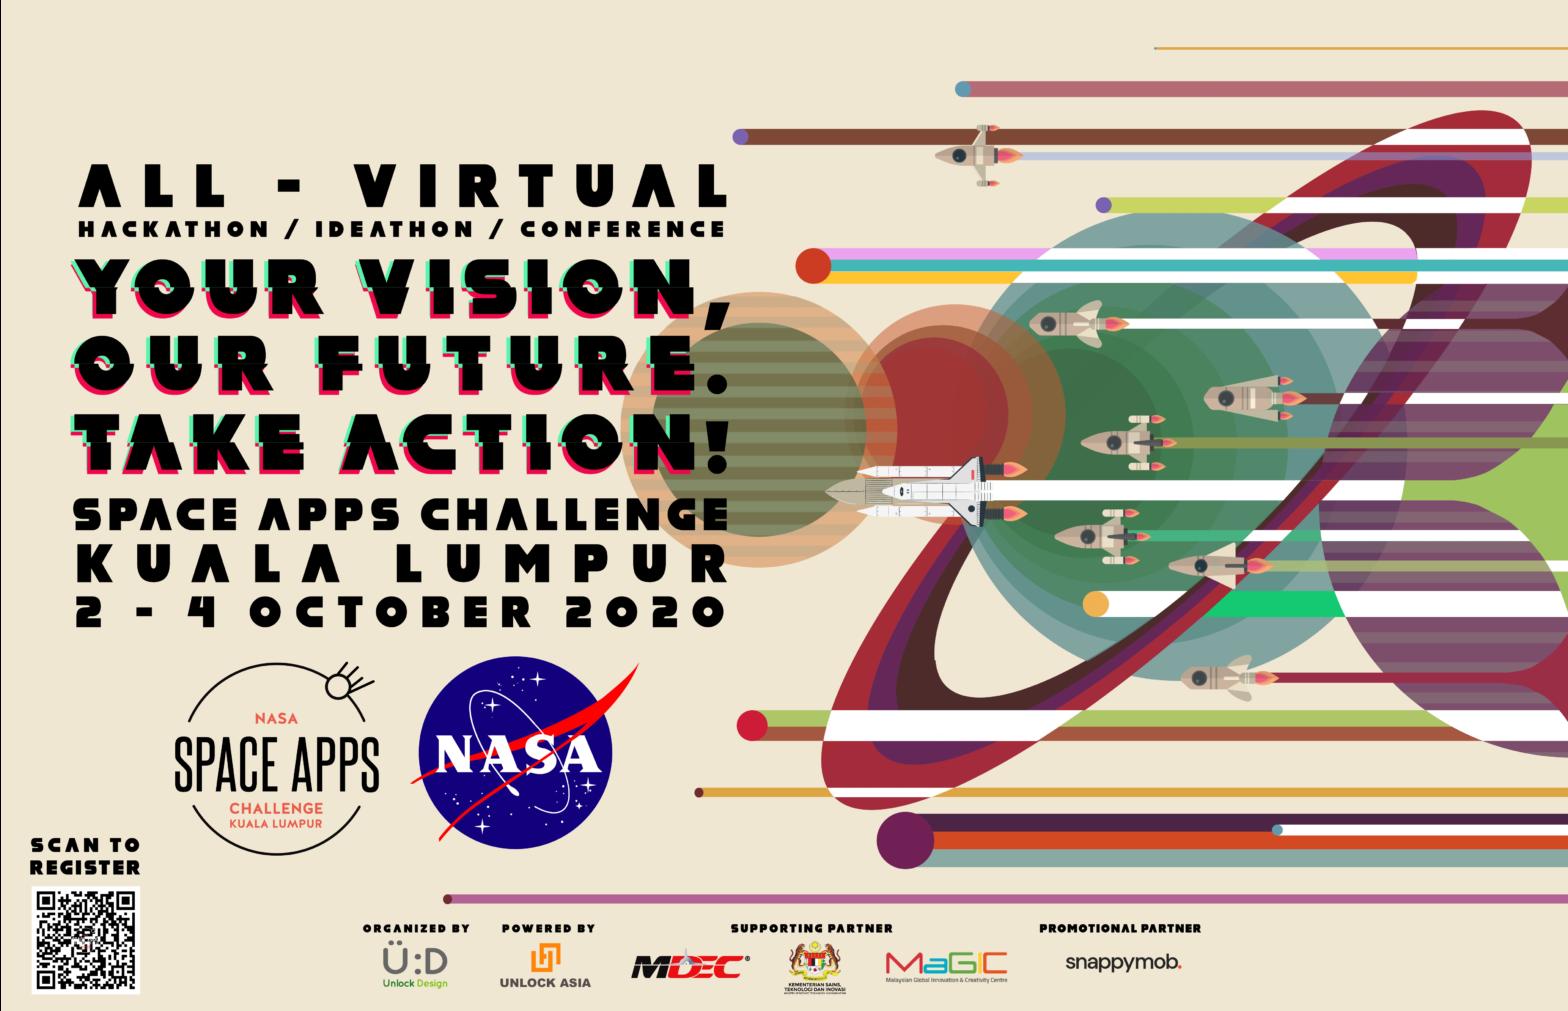 NASA Space Apps Challenge Kuala Lumpur 2020 Is Back!